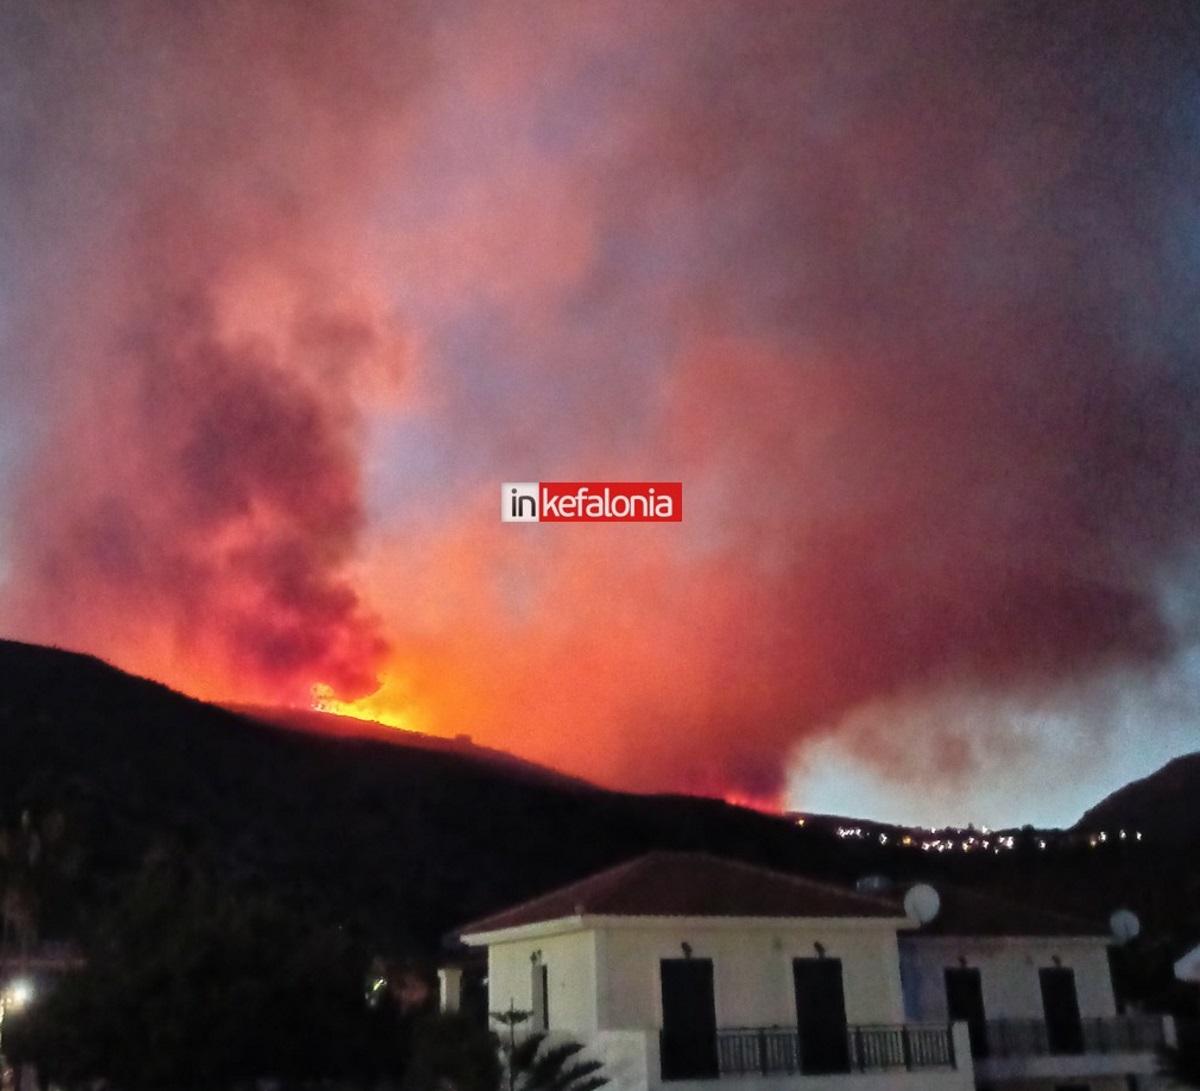 Κεφαλονιά: Δύσκολη νύχτα με τη μεγάλη φωτιά – Εκκενώθηκαν και άλλα χωριά